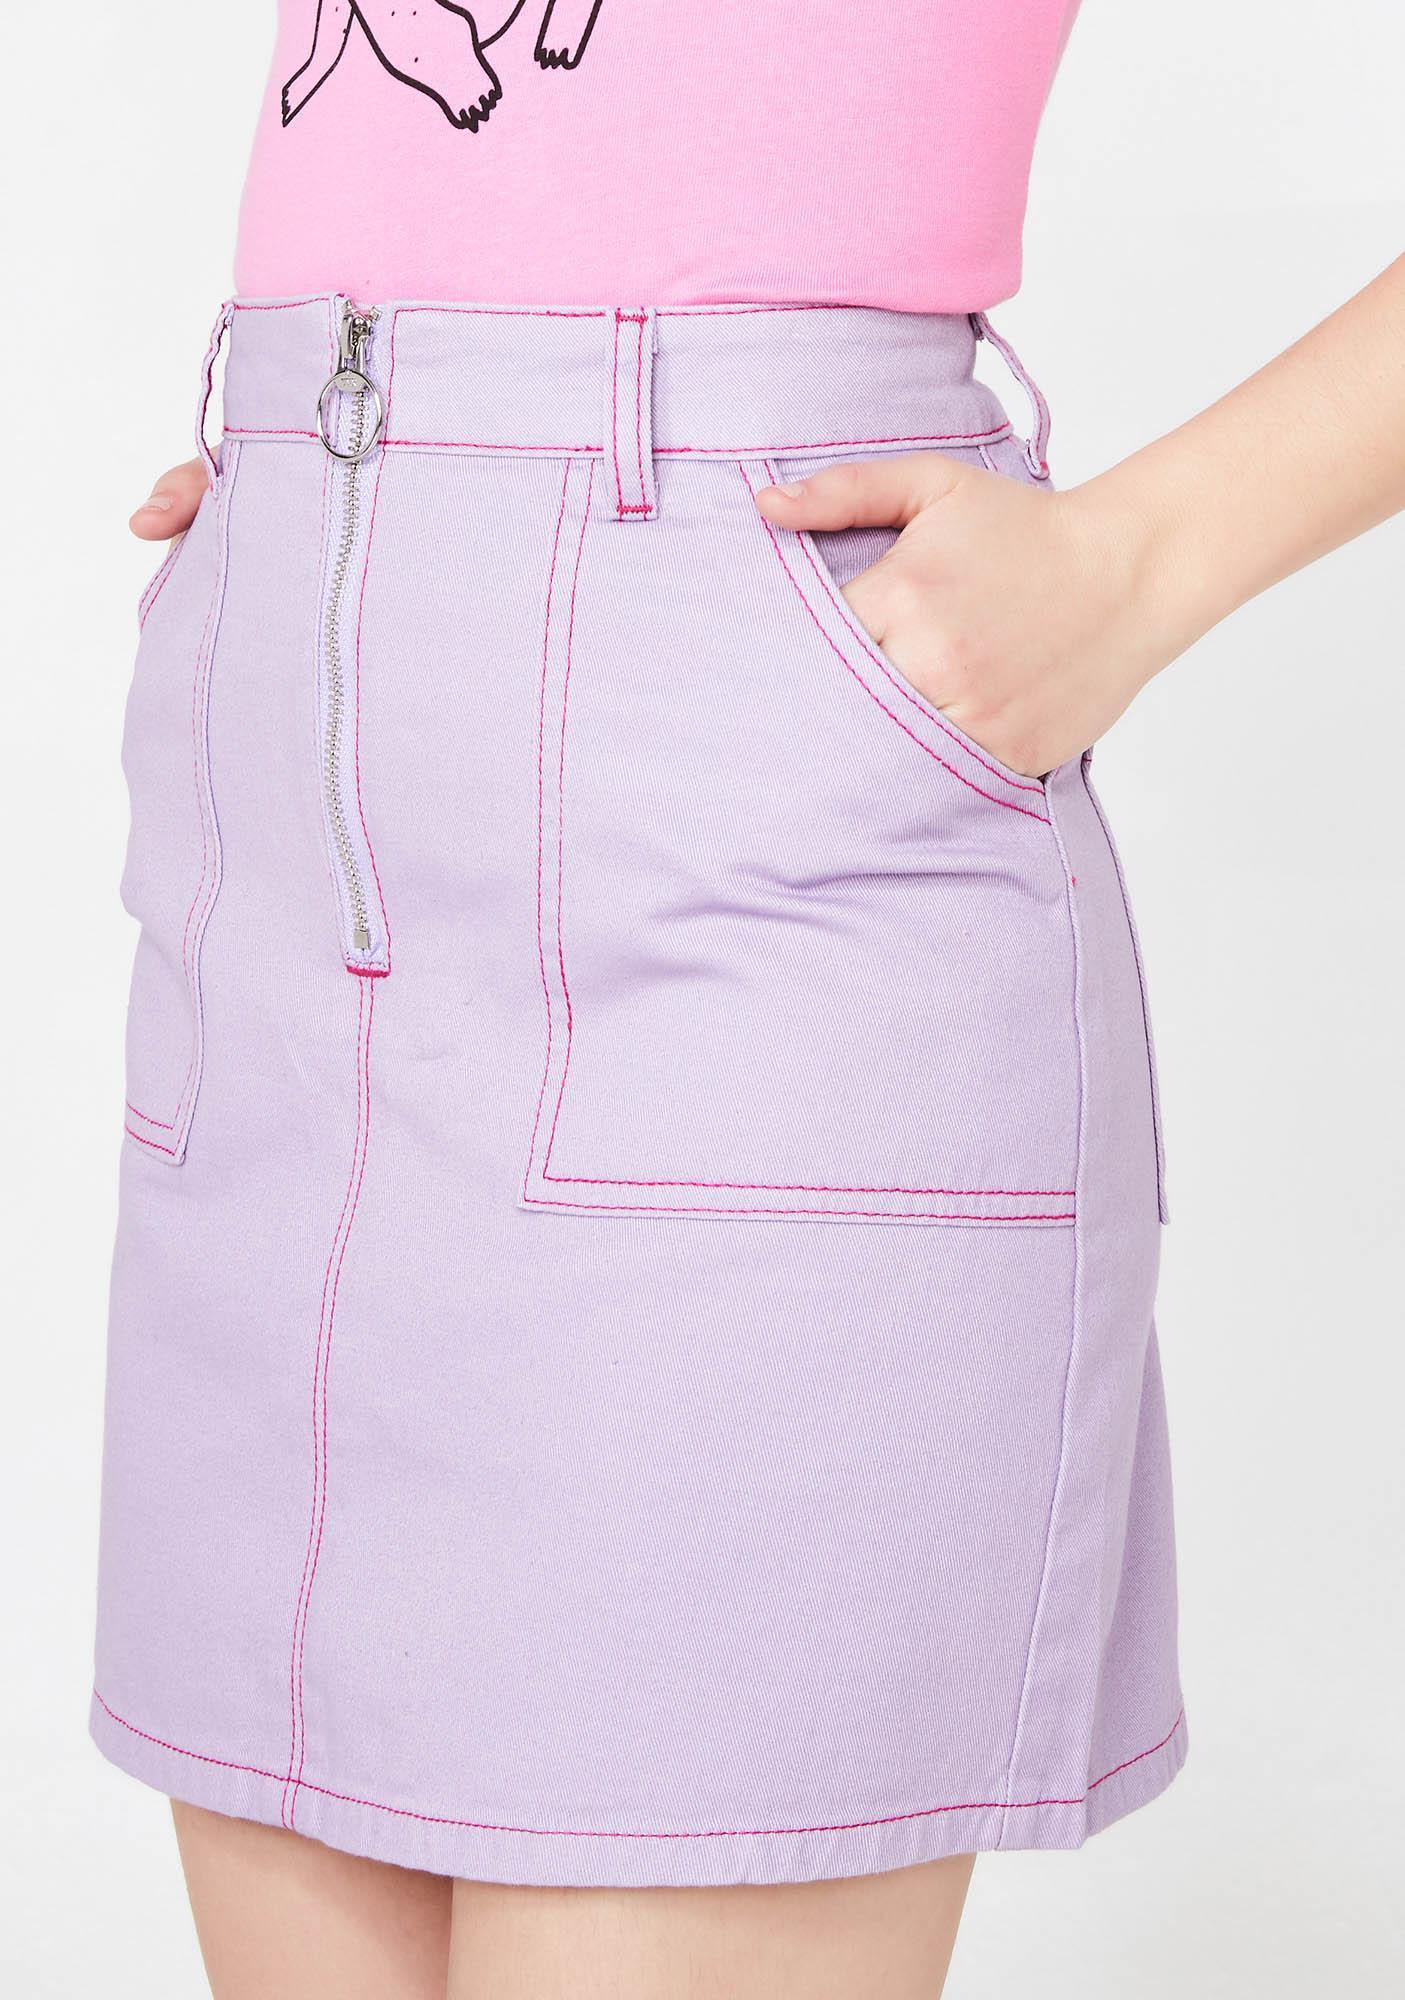 Lazy Oaf Contrast Stitch Cigarette Skirt